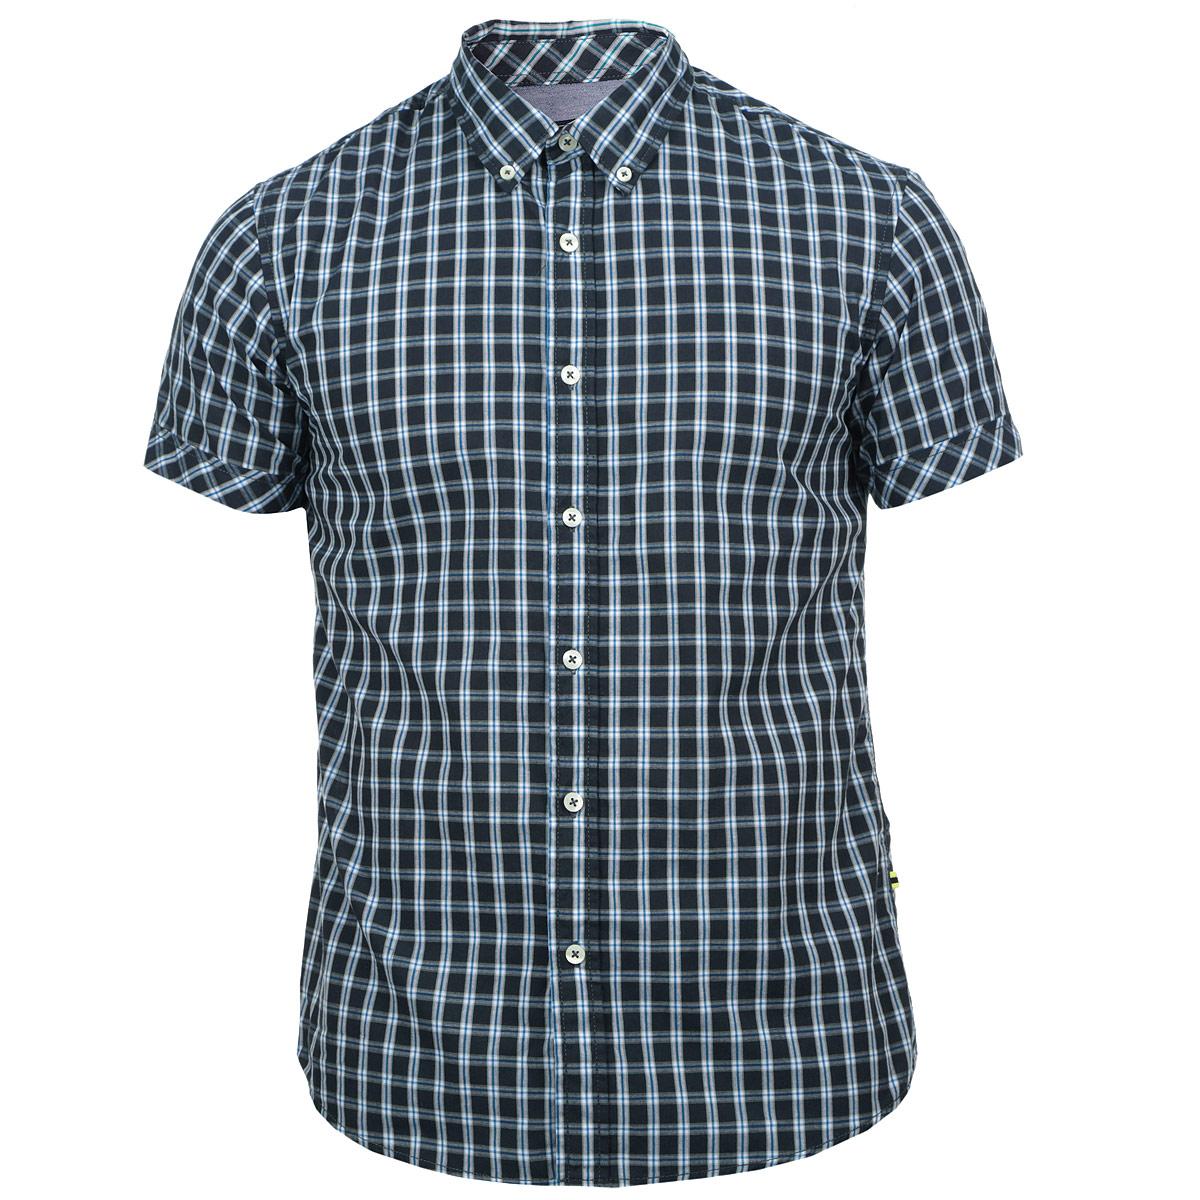 10152307 51FСтильная мужская рубашка Broadway, изготовленная из высококачественного материала, необычайно мягкая и приятная на ощупь, не сковывает движения и позволяет коже дышать, обеспечивая наибольший комфорт. Модная рубашка прямого кроя с короткими рукавами, отложным воротником и полукруглым низом. Застегивается изделие на пуговицы. Эта рубашка идеальный вариант для повседневного гардероба. Такая модель порадует настоящих ценителей комфорта и практичности!